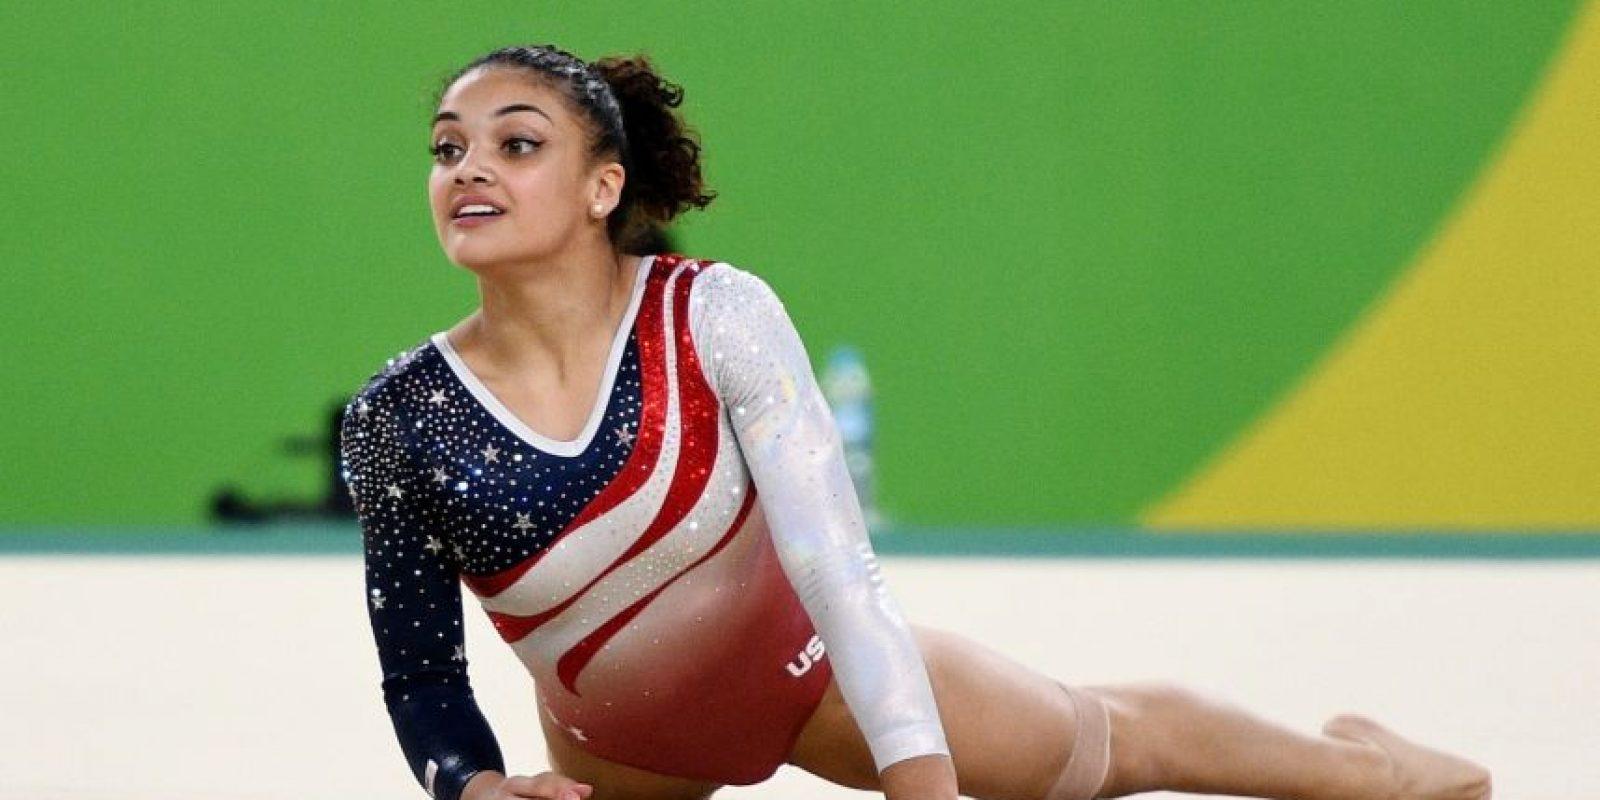 Laurie Hernández, de padres puertorriqueños, fue parte del equipo que ganó oro en evento colectivo de gimnasia artística con Estados Unidos. Foto:Getty Images. Imagen Por: